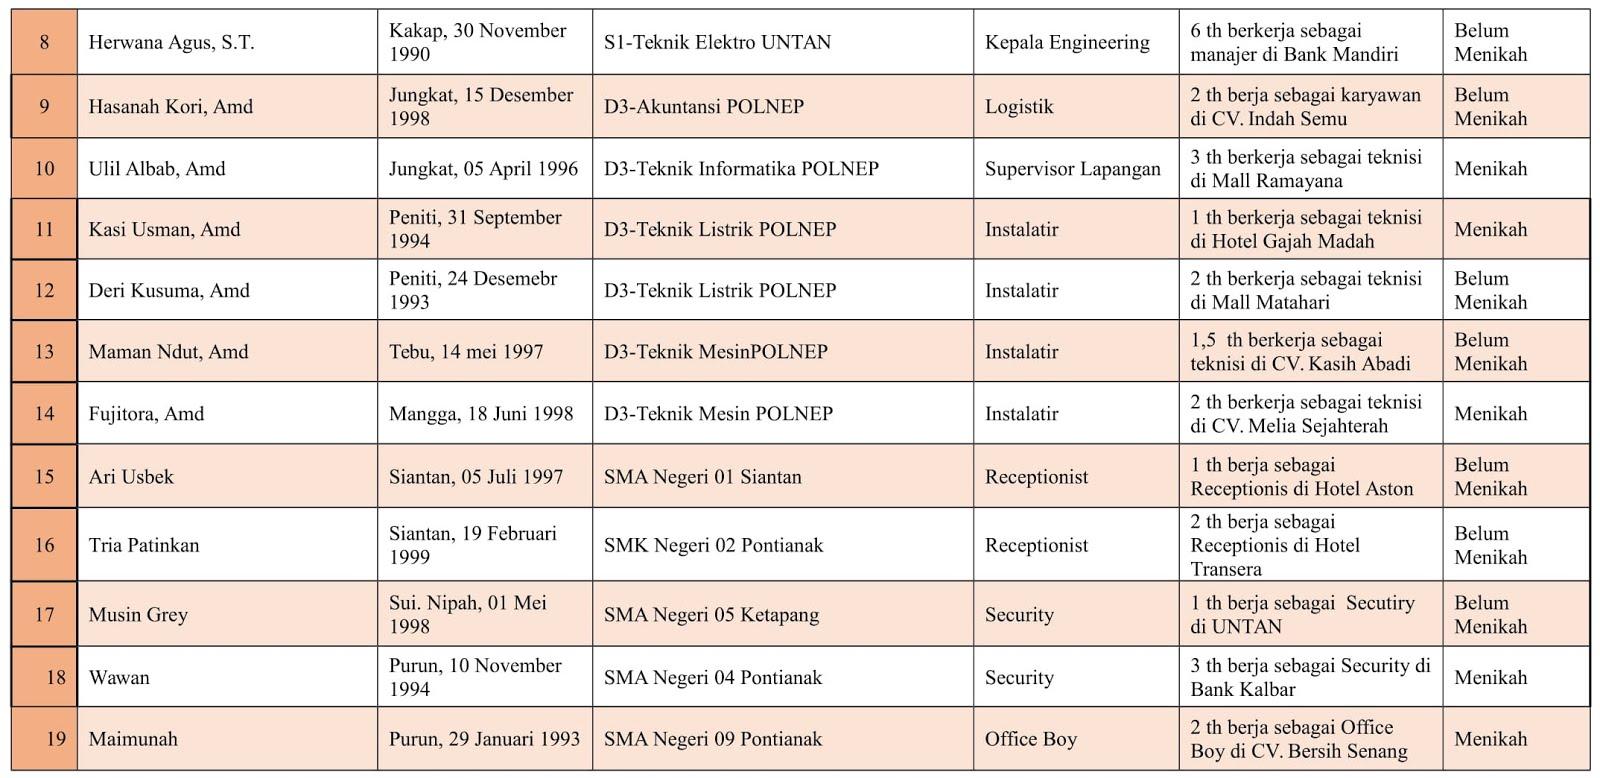 Daftar Personalia